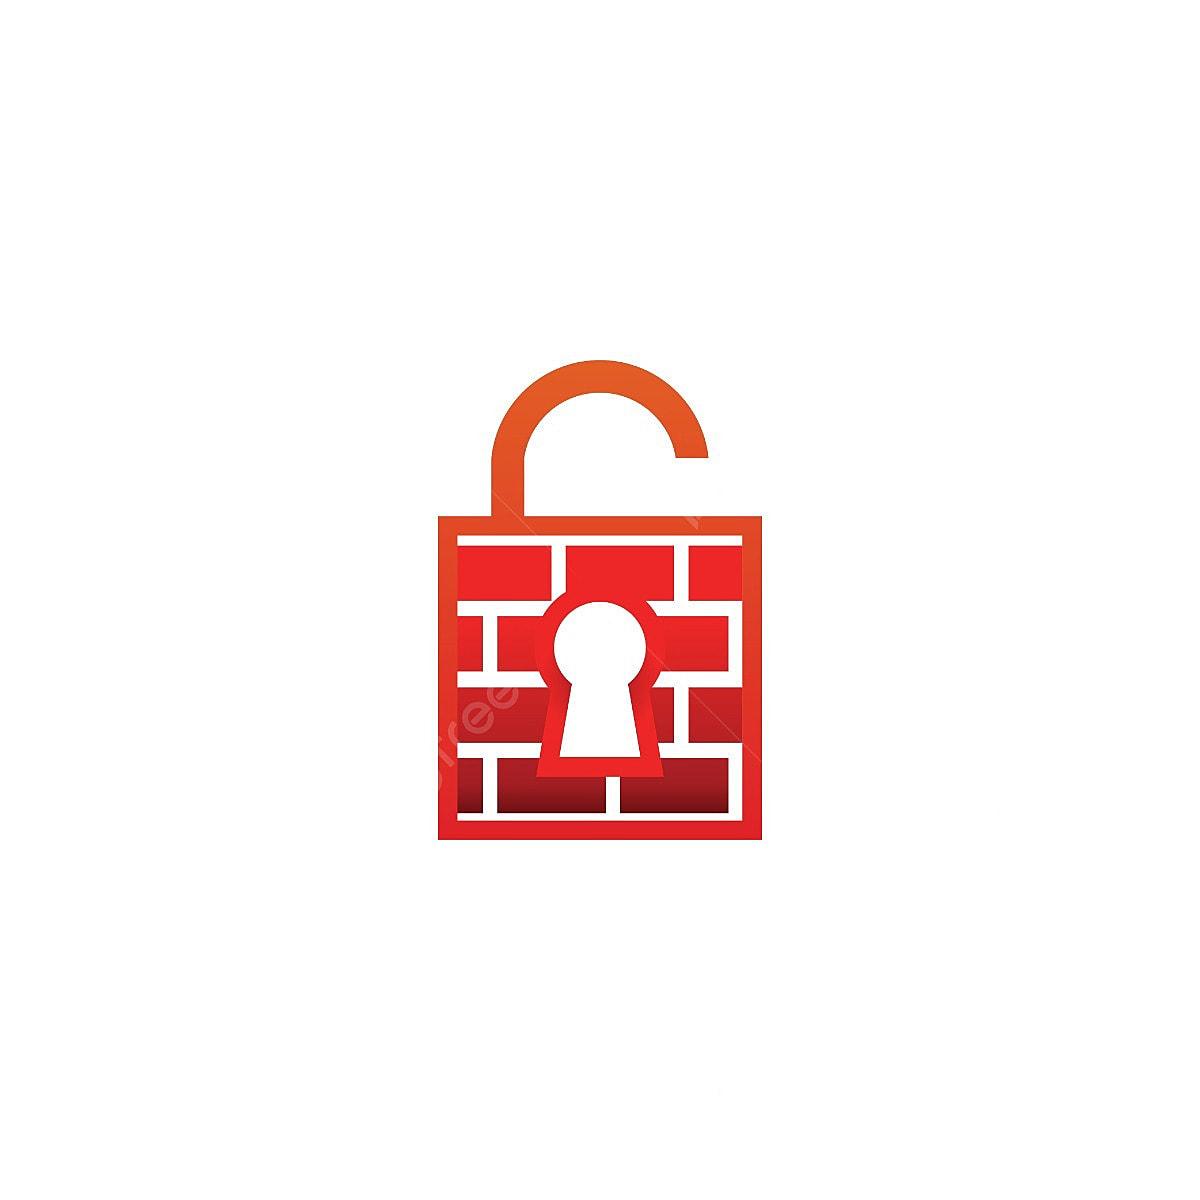 Cadeado Com Chave Firewall Aberta Logotipo Modelo Vector